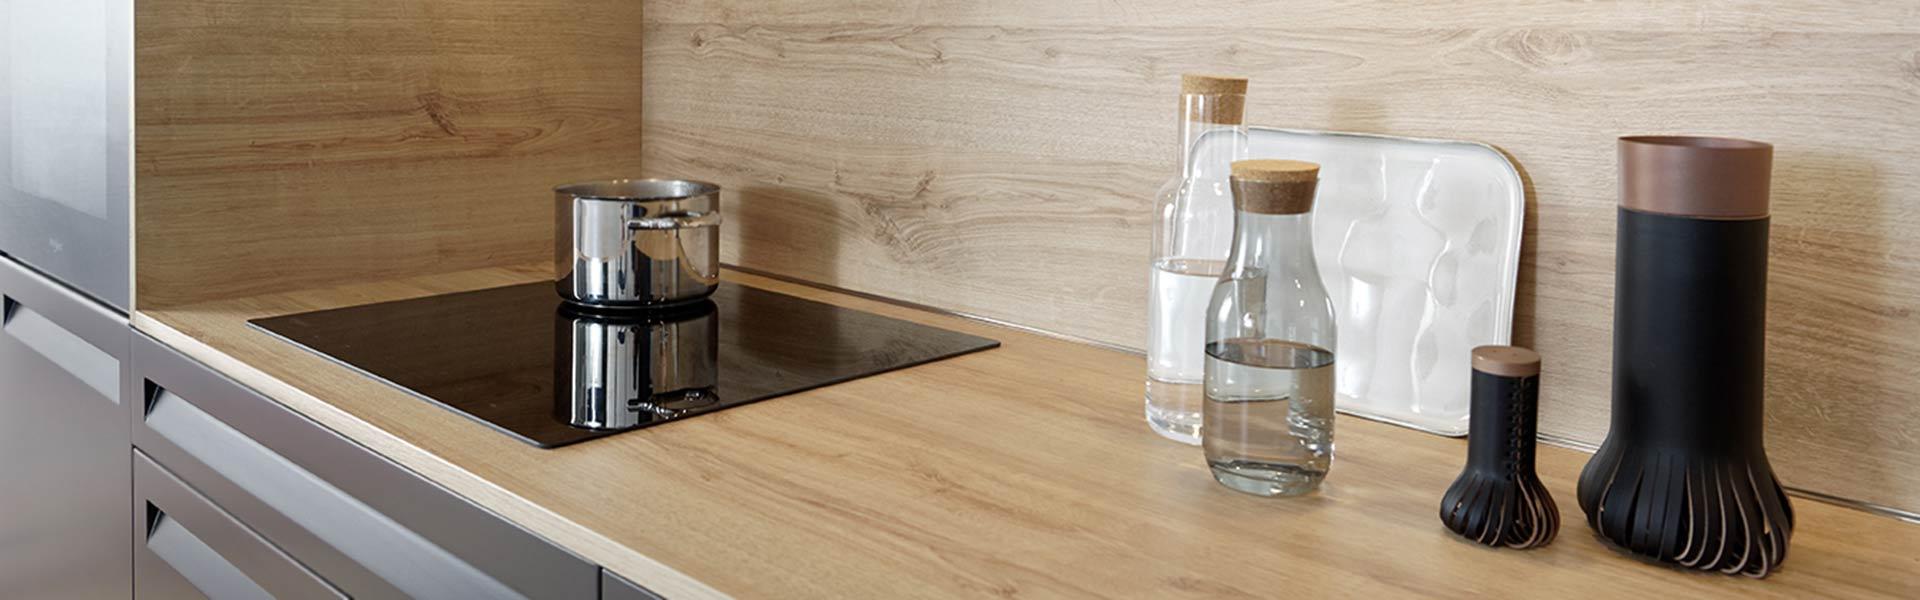 Køkkenbord i laminat